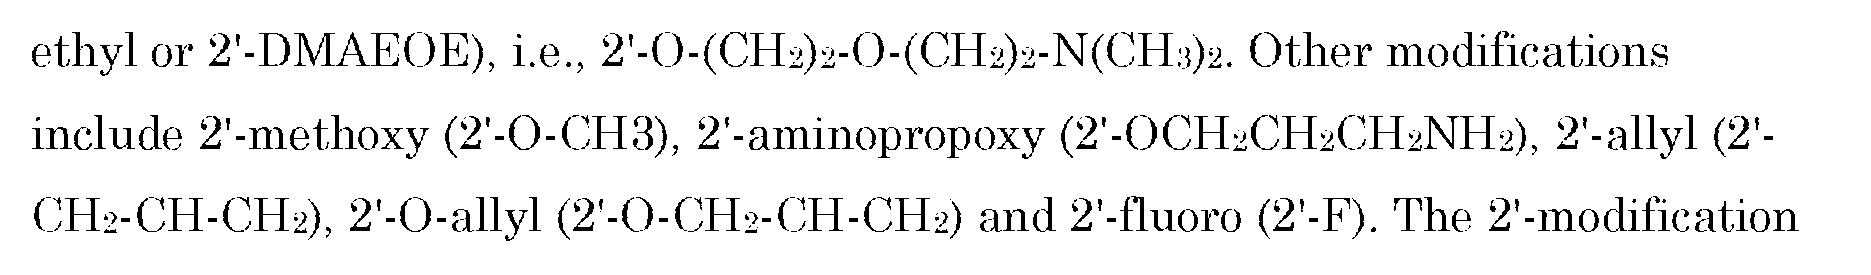 Figure imgf000040_0004